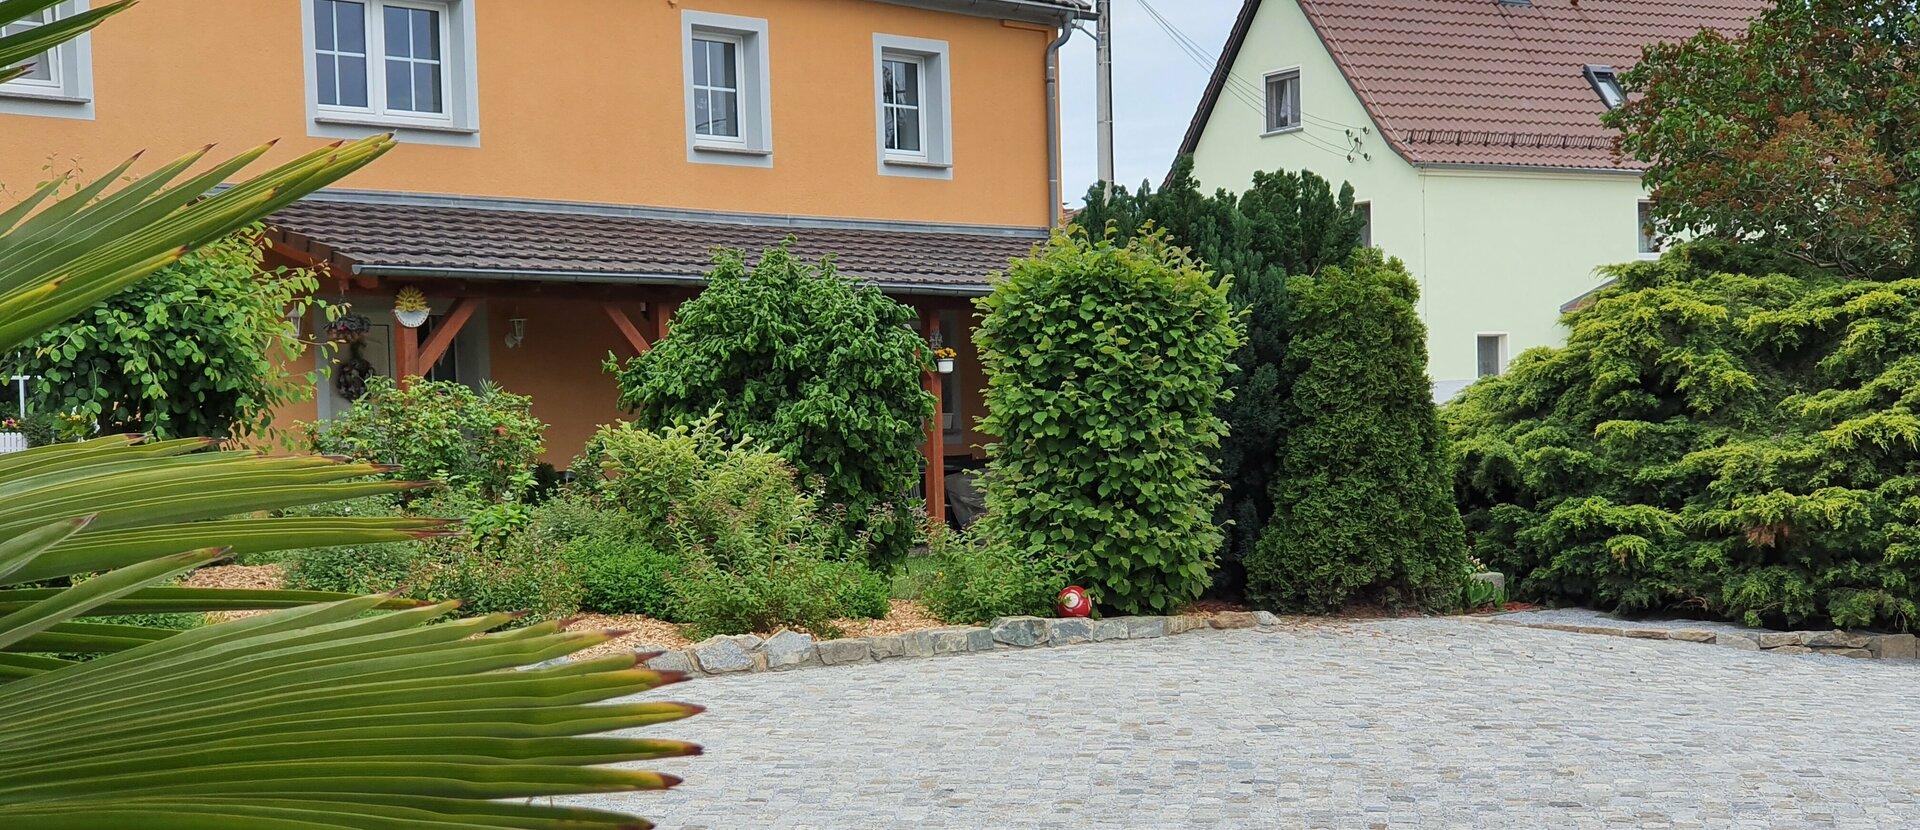 Urlaub in Sachsen Landhaus »Oberlausitz«